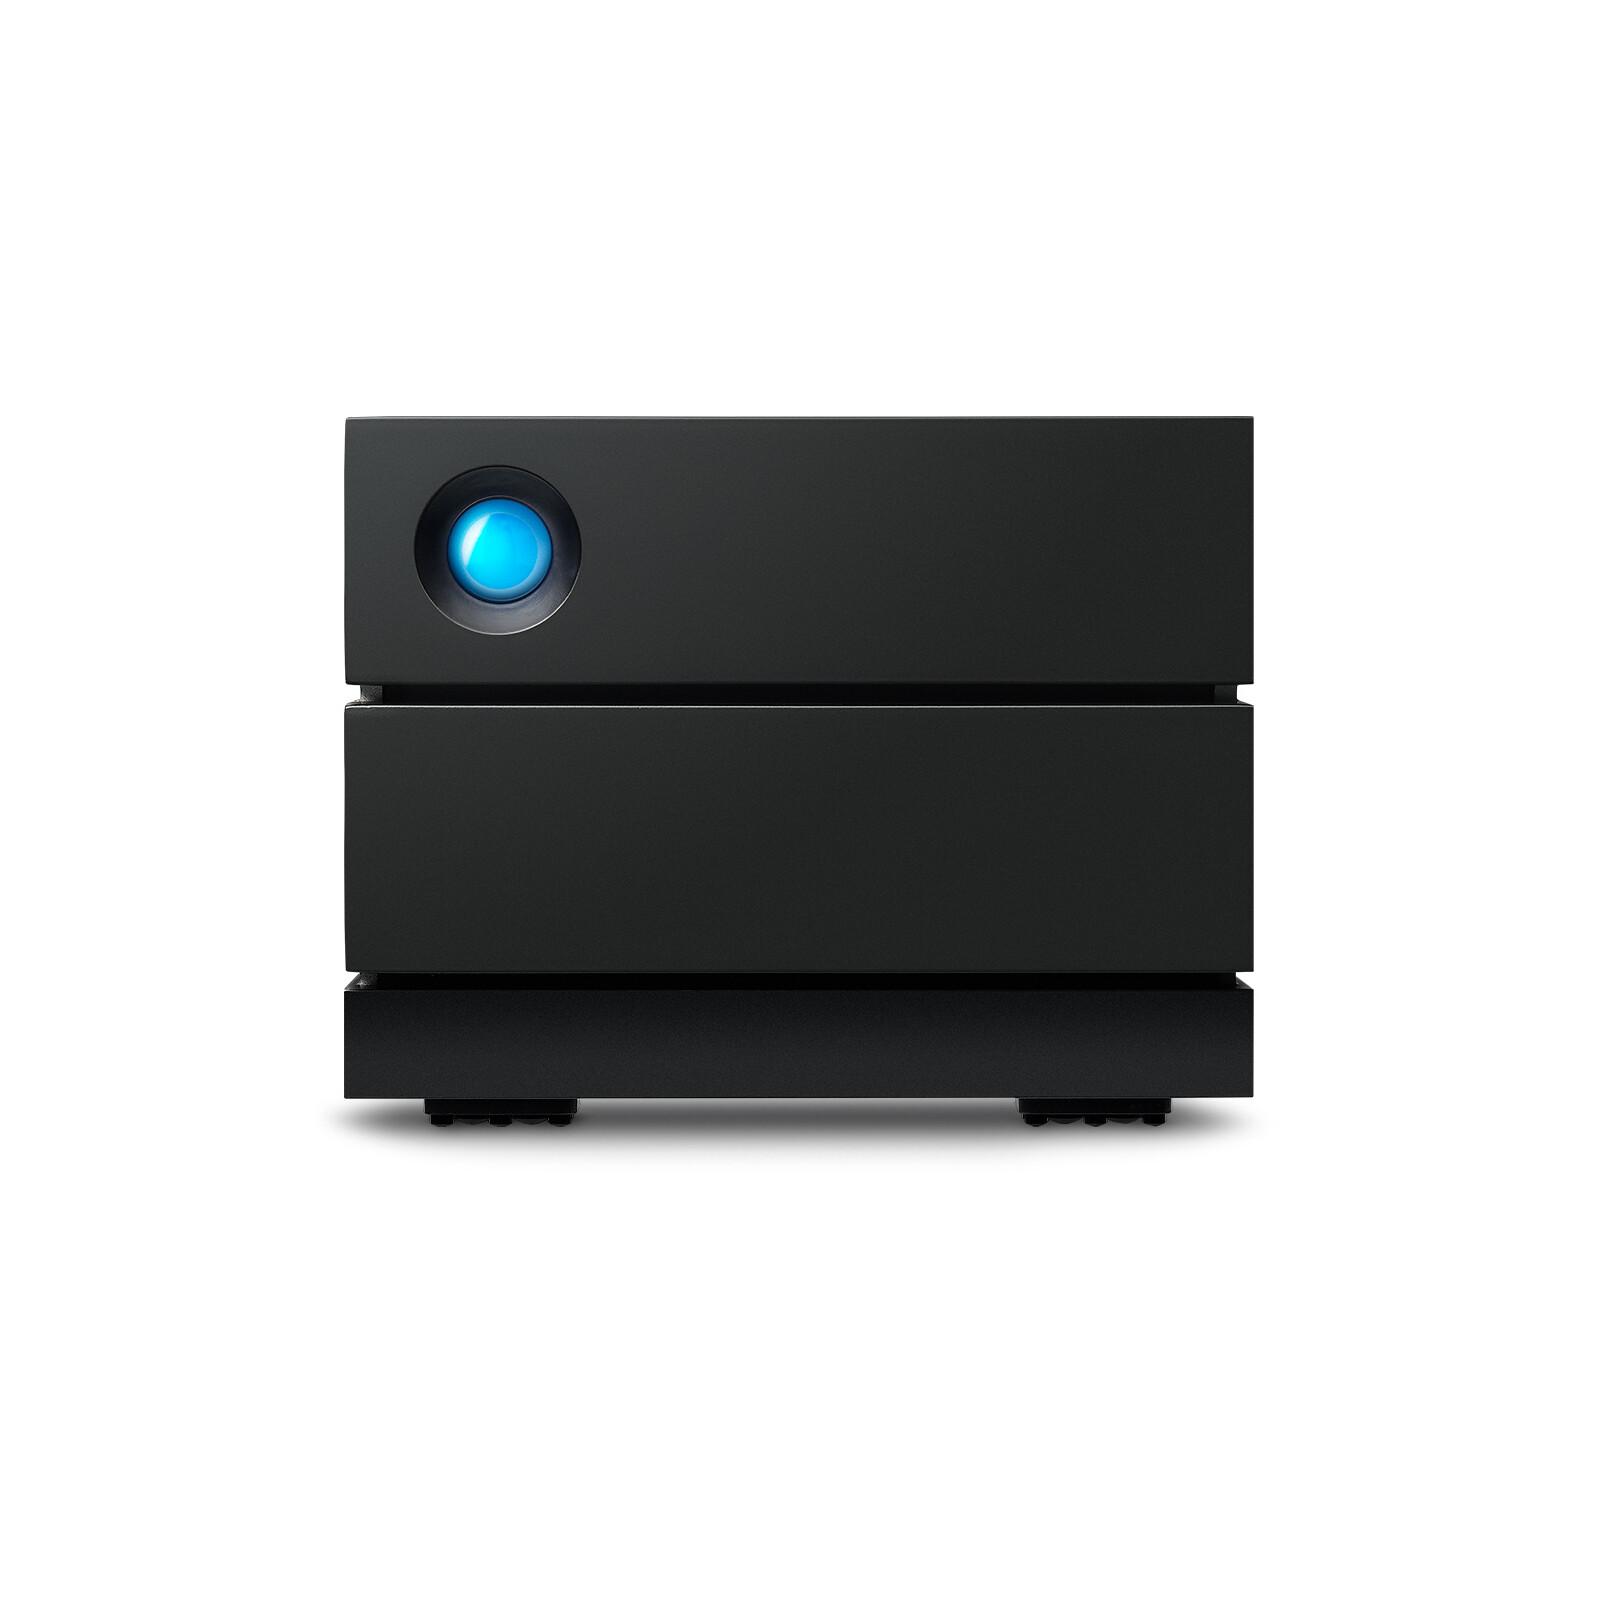 LaCie 2big RAID 8TB DAS, USB 3.1, RAID 0/1